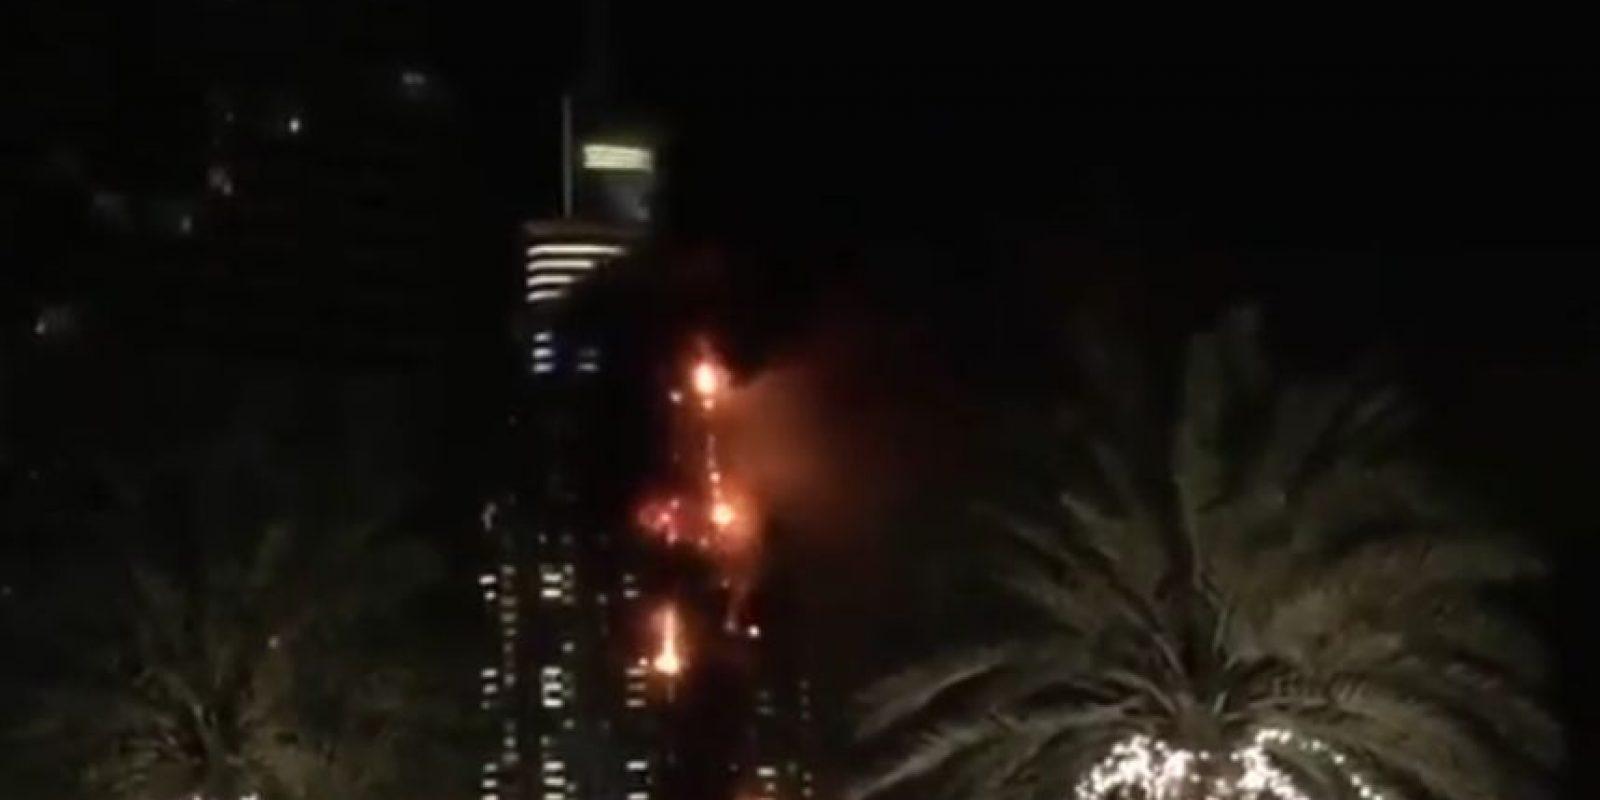 El incendio ocurrió en el hotel The Address Foto:Twitter